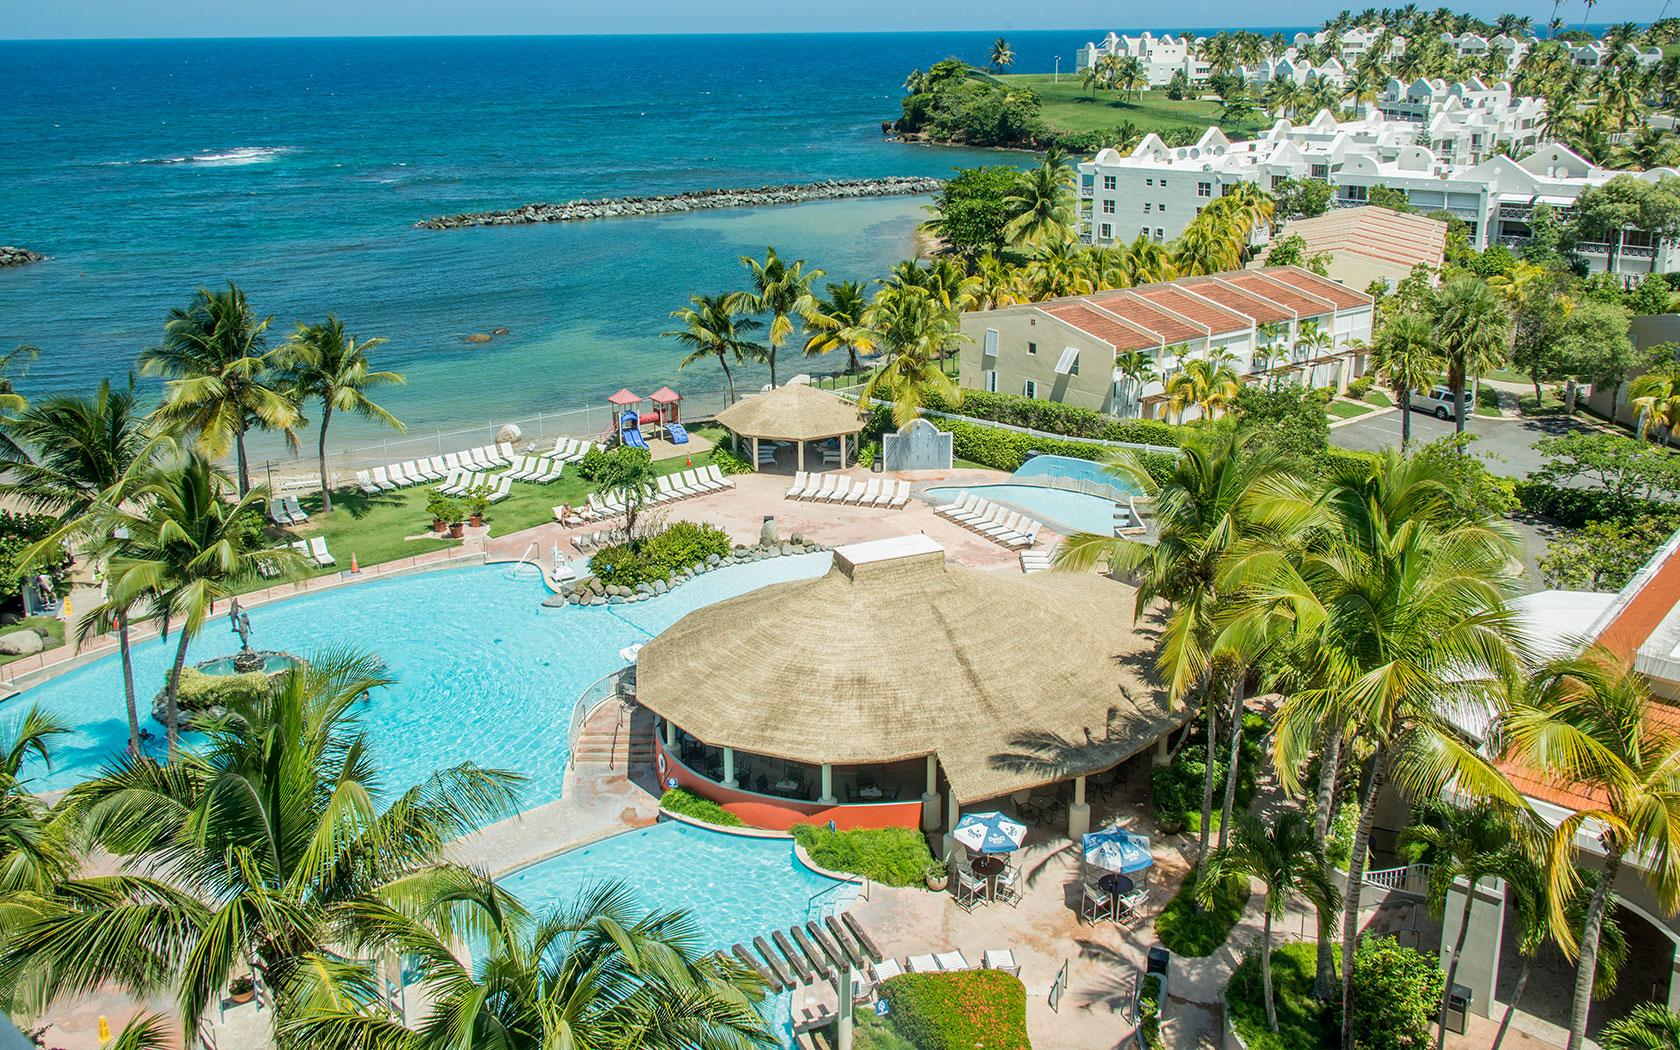 Aquarius Vacation Club at Dorado Del Mar image